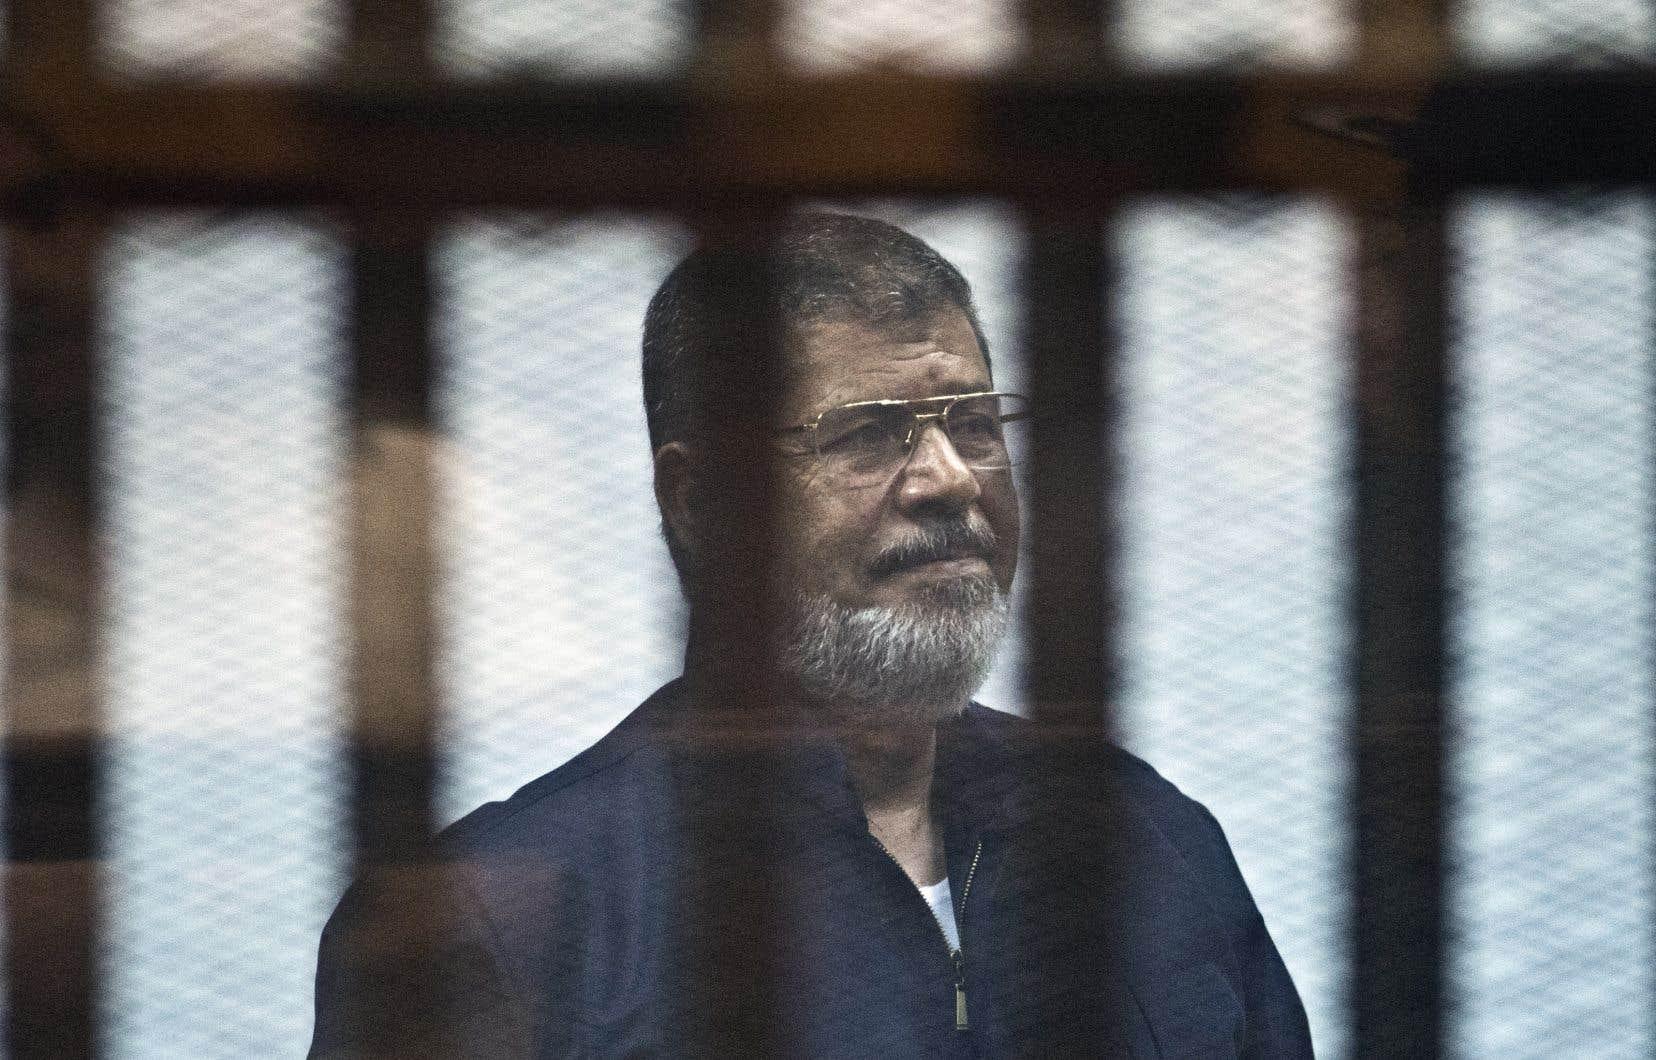 L'ancien président égyptien Mohamed Morsi, en détention depuis 2013